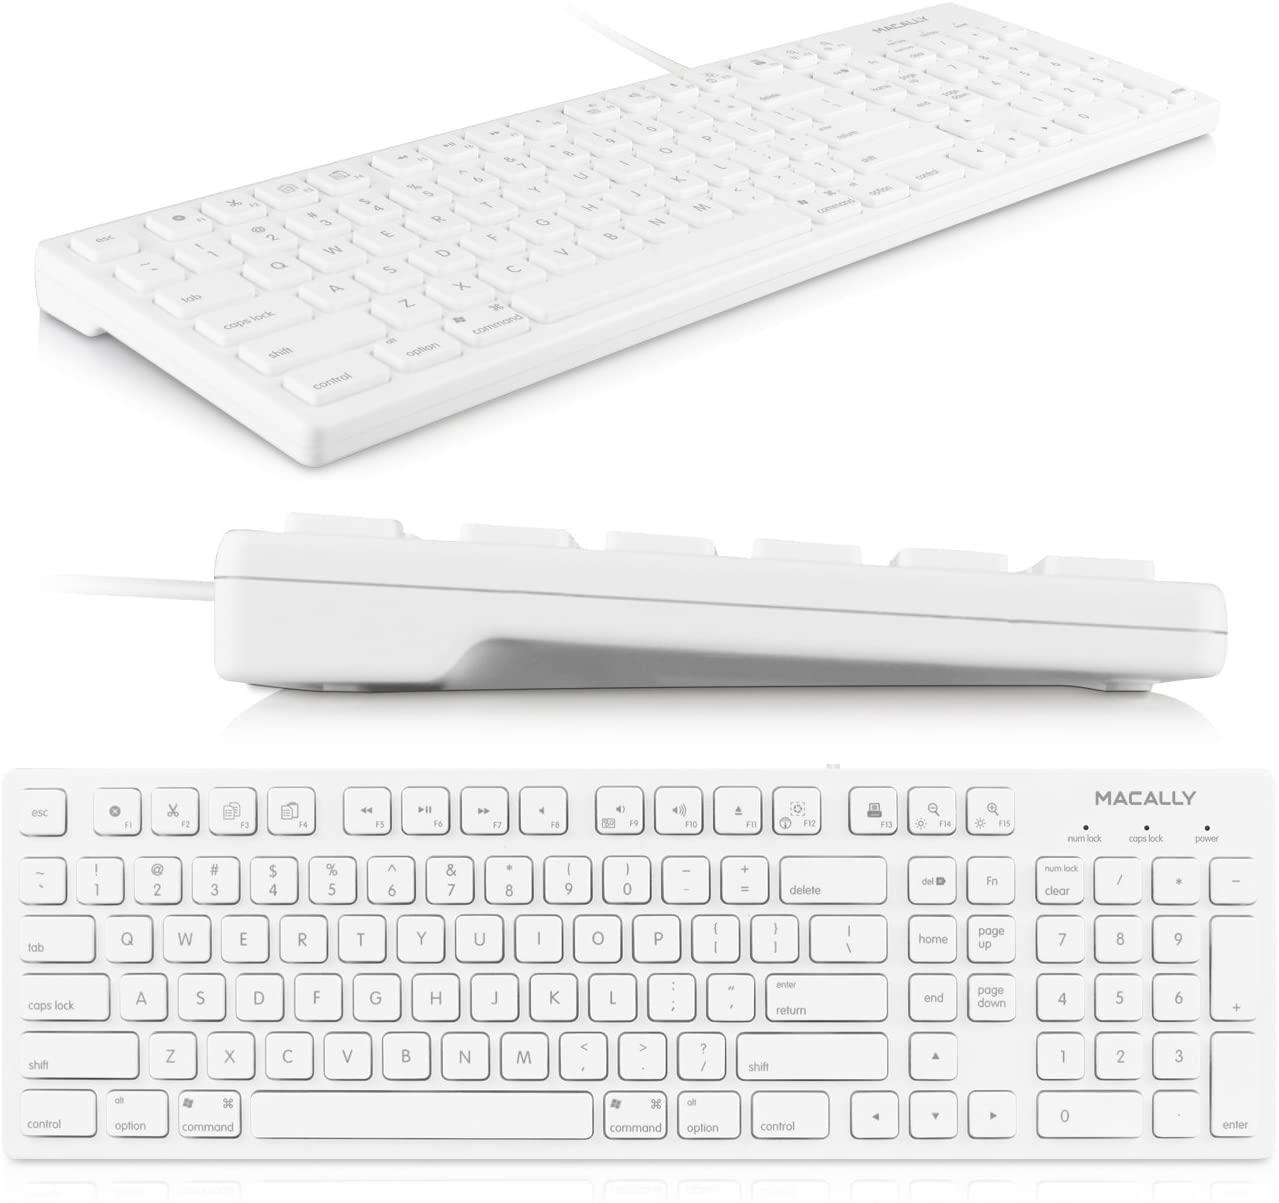 Macally Keyboard - USB